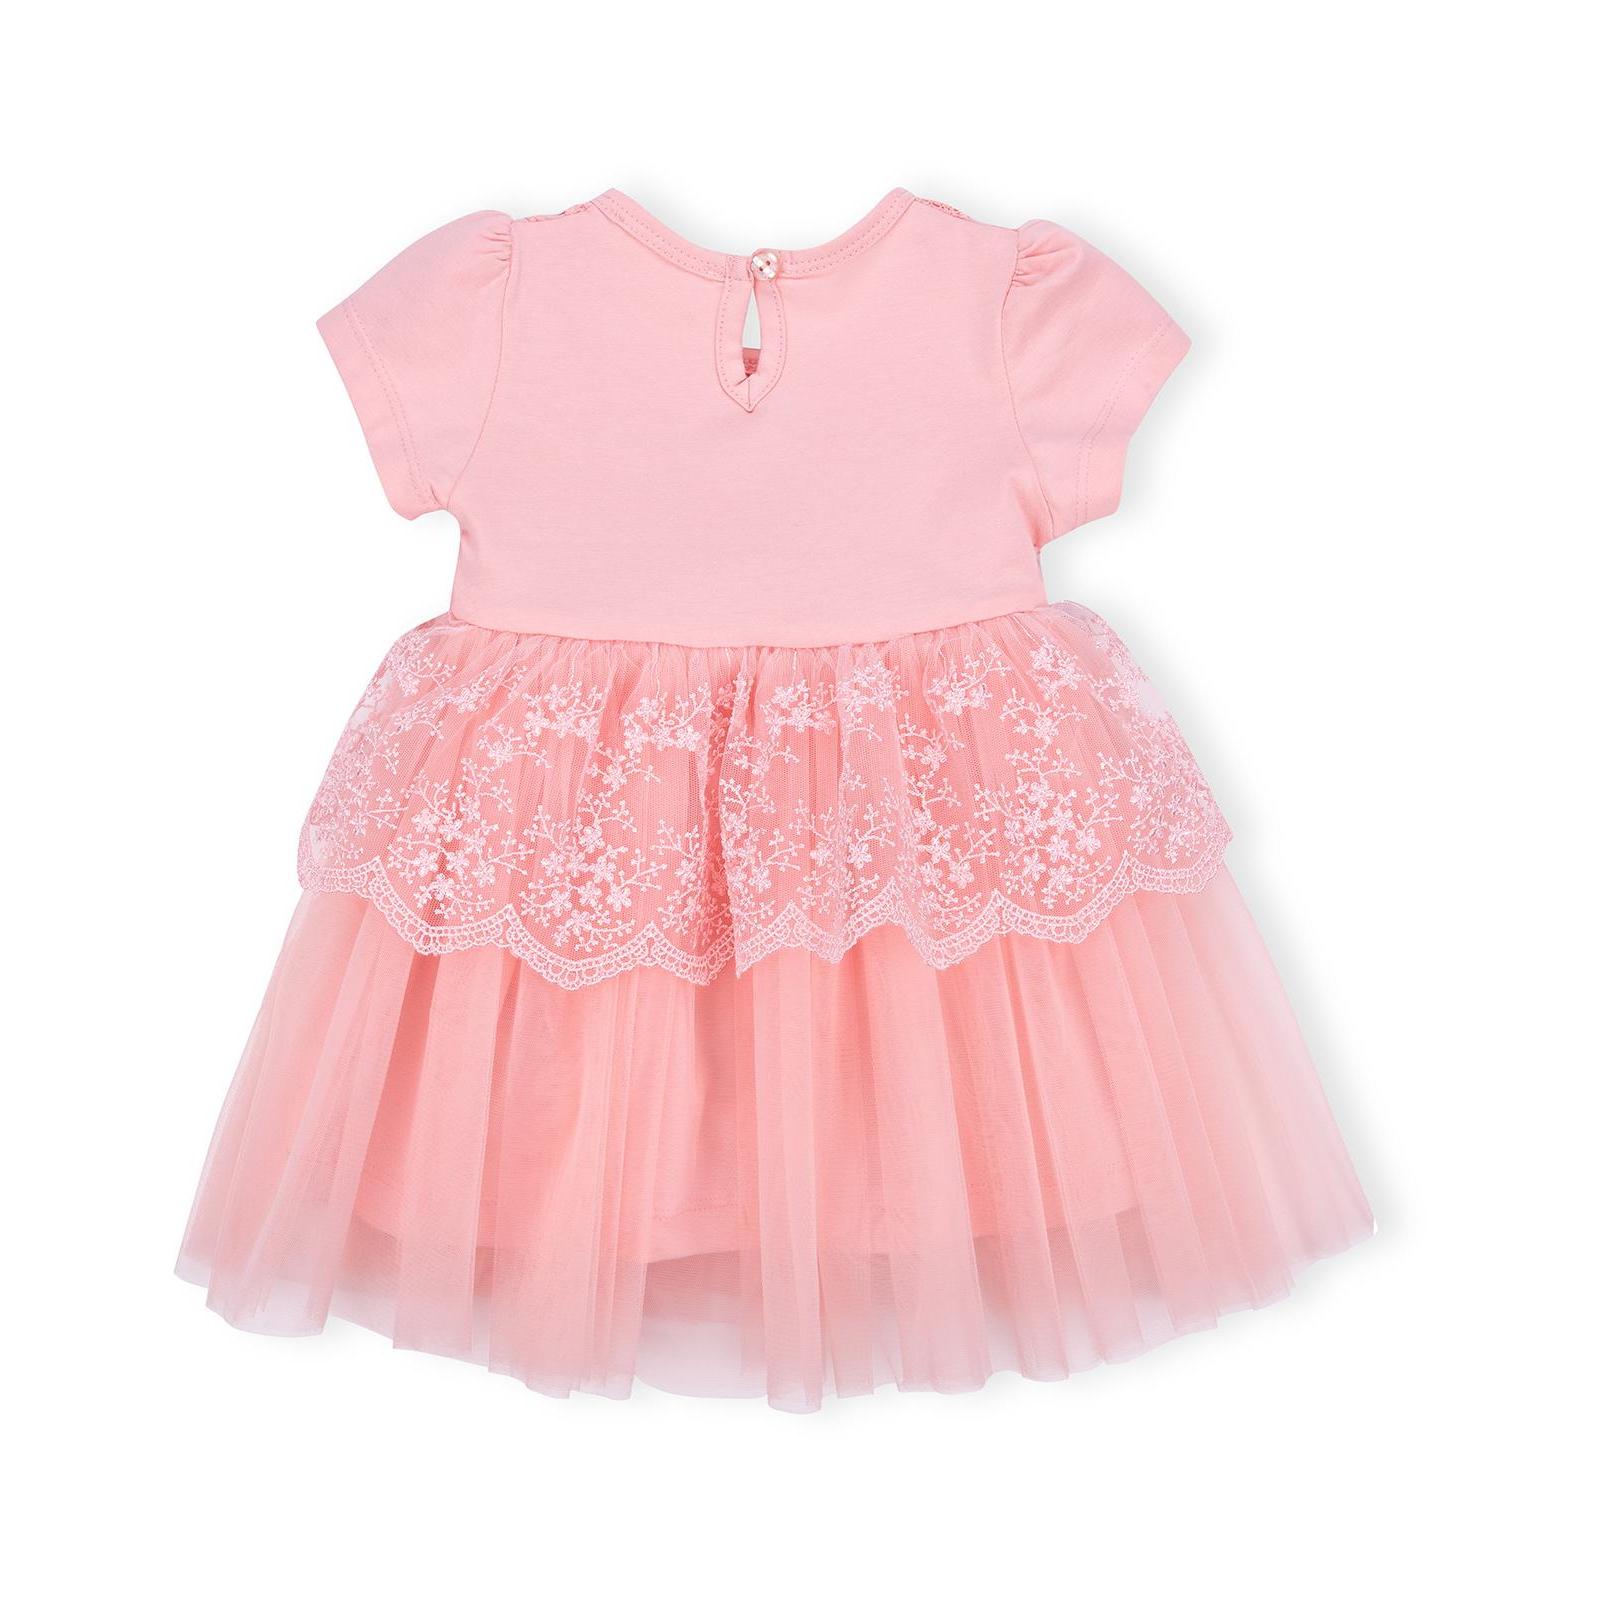 Платье Breeze кружевное с оборками (9011-80G-cream) изображение 2